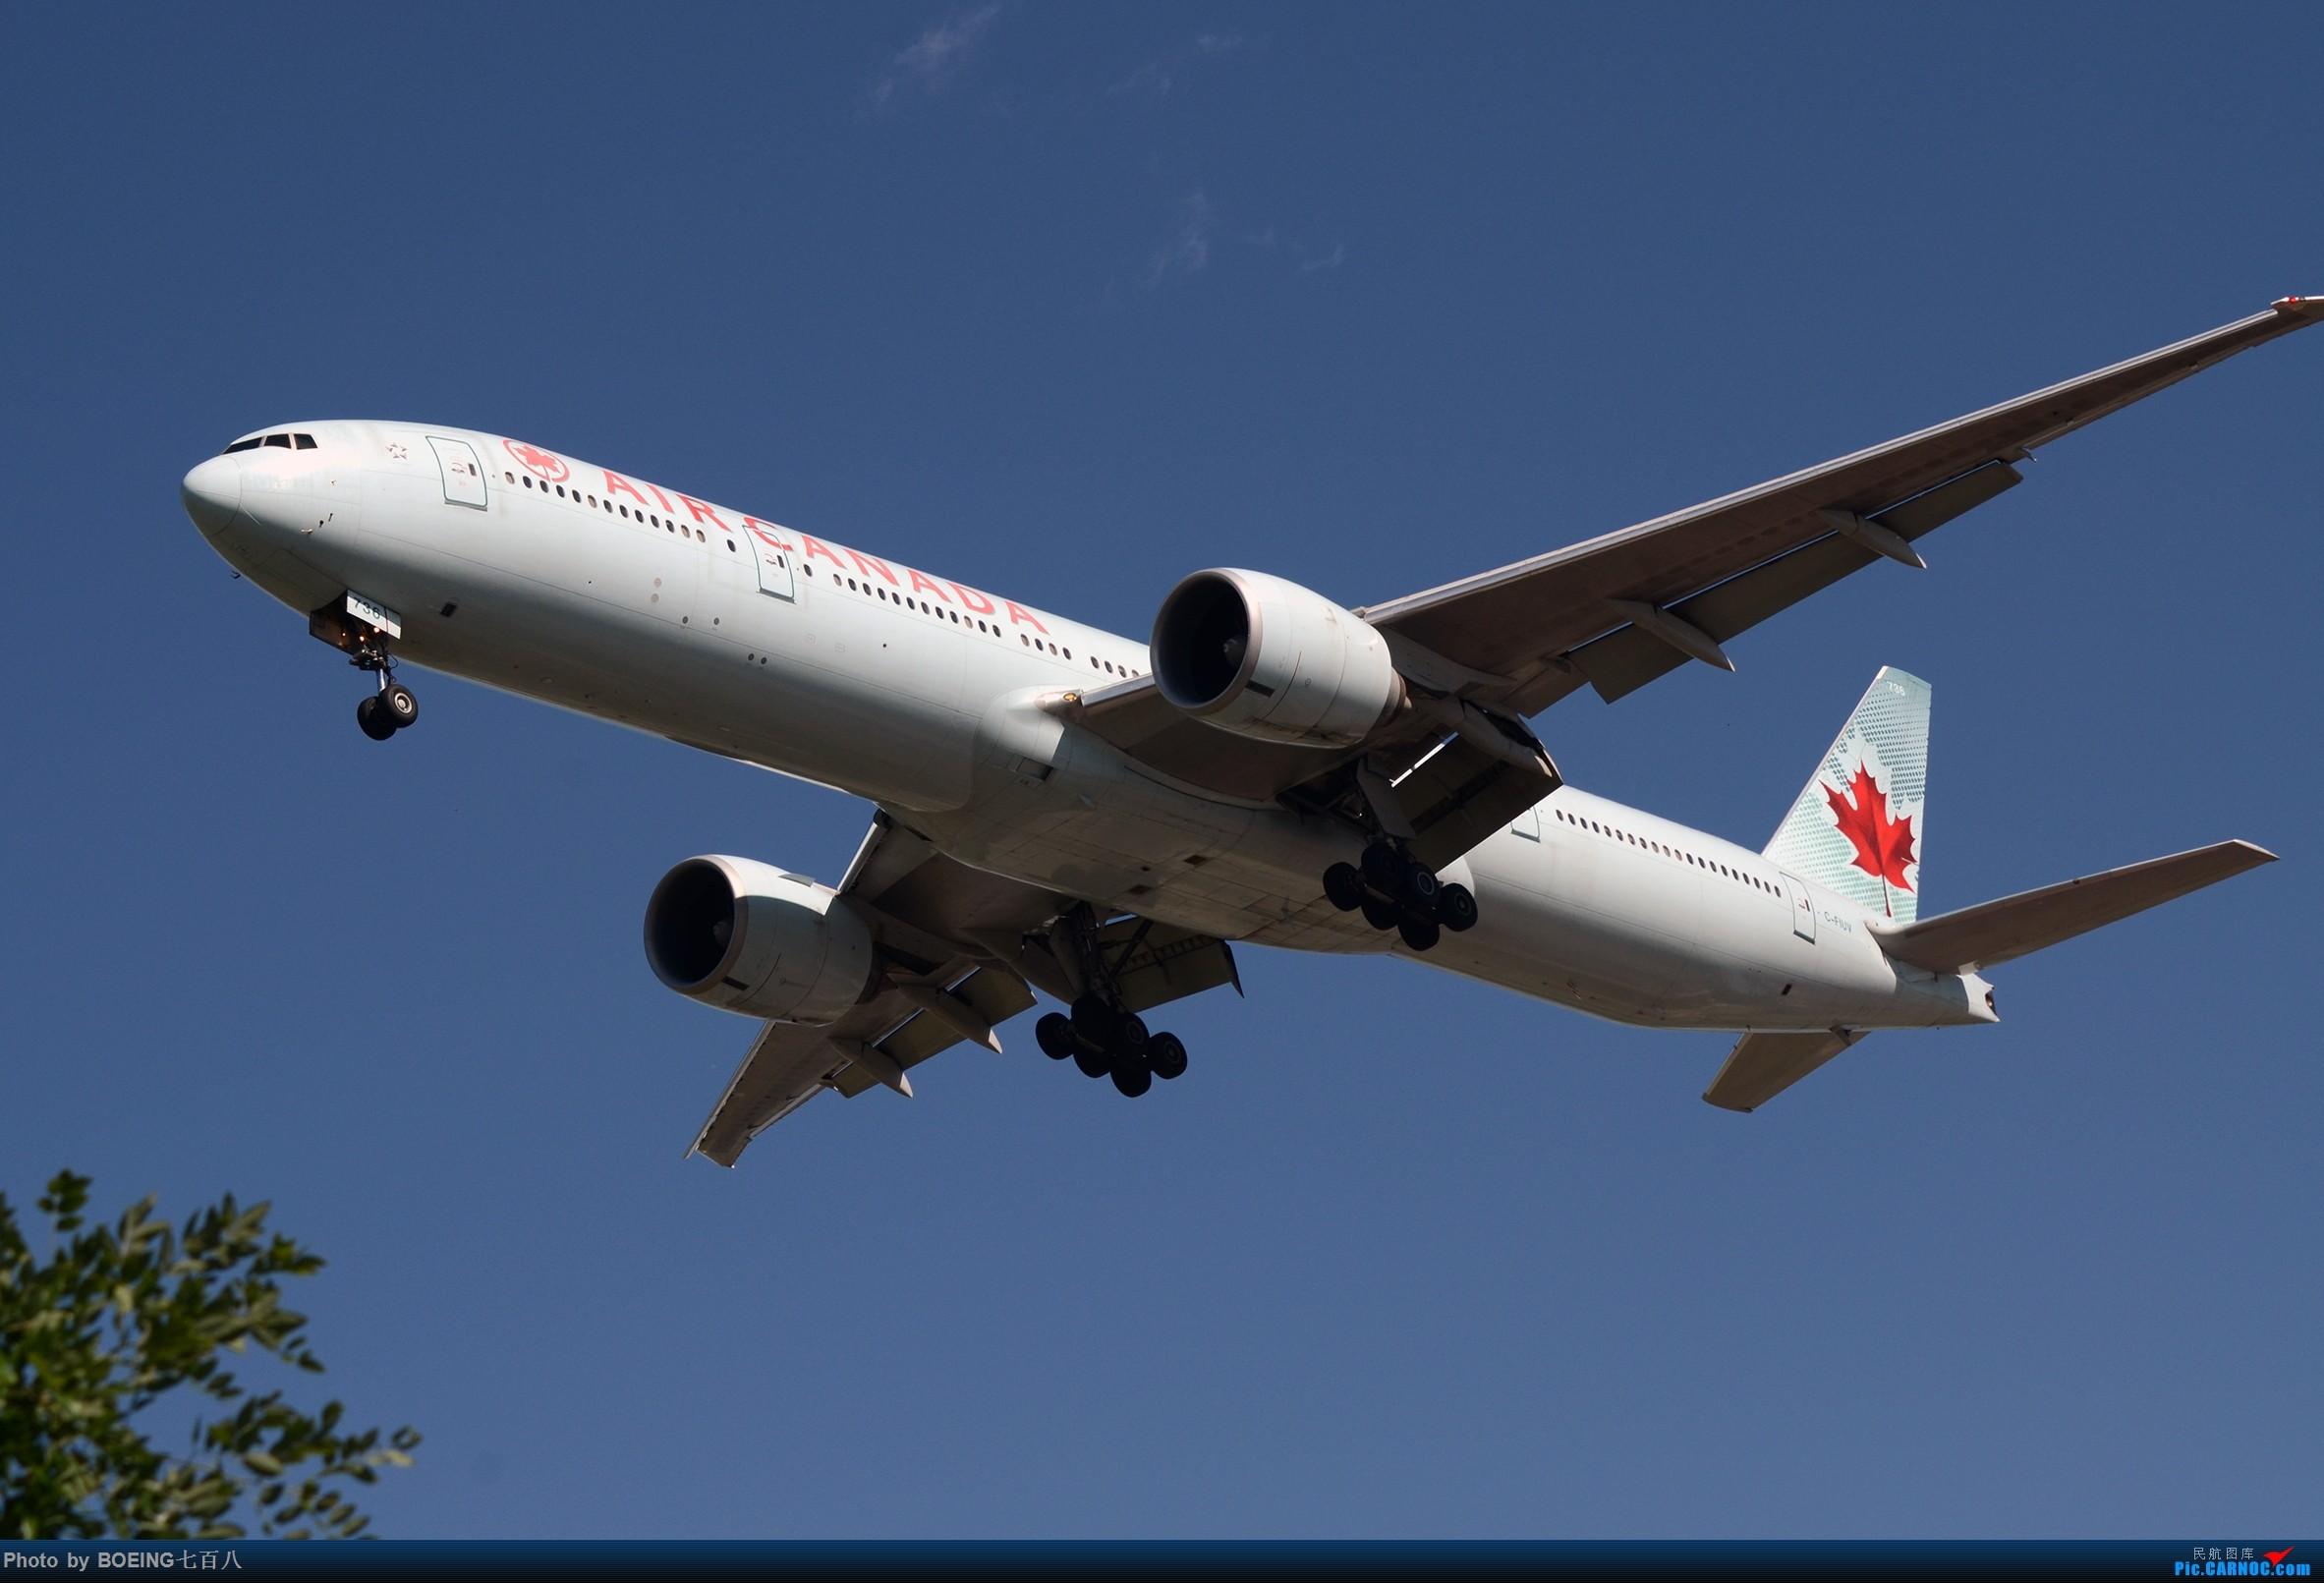 Re:[原创]好久没发作业了,5月13日的PEK BOEING 777-200 C-FIUV 中国北京首都国际机场